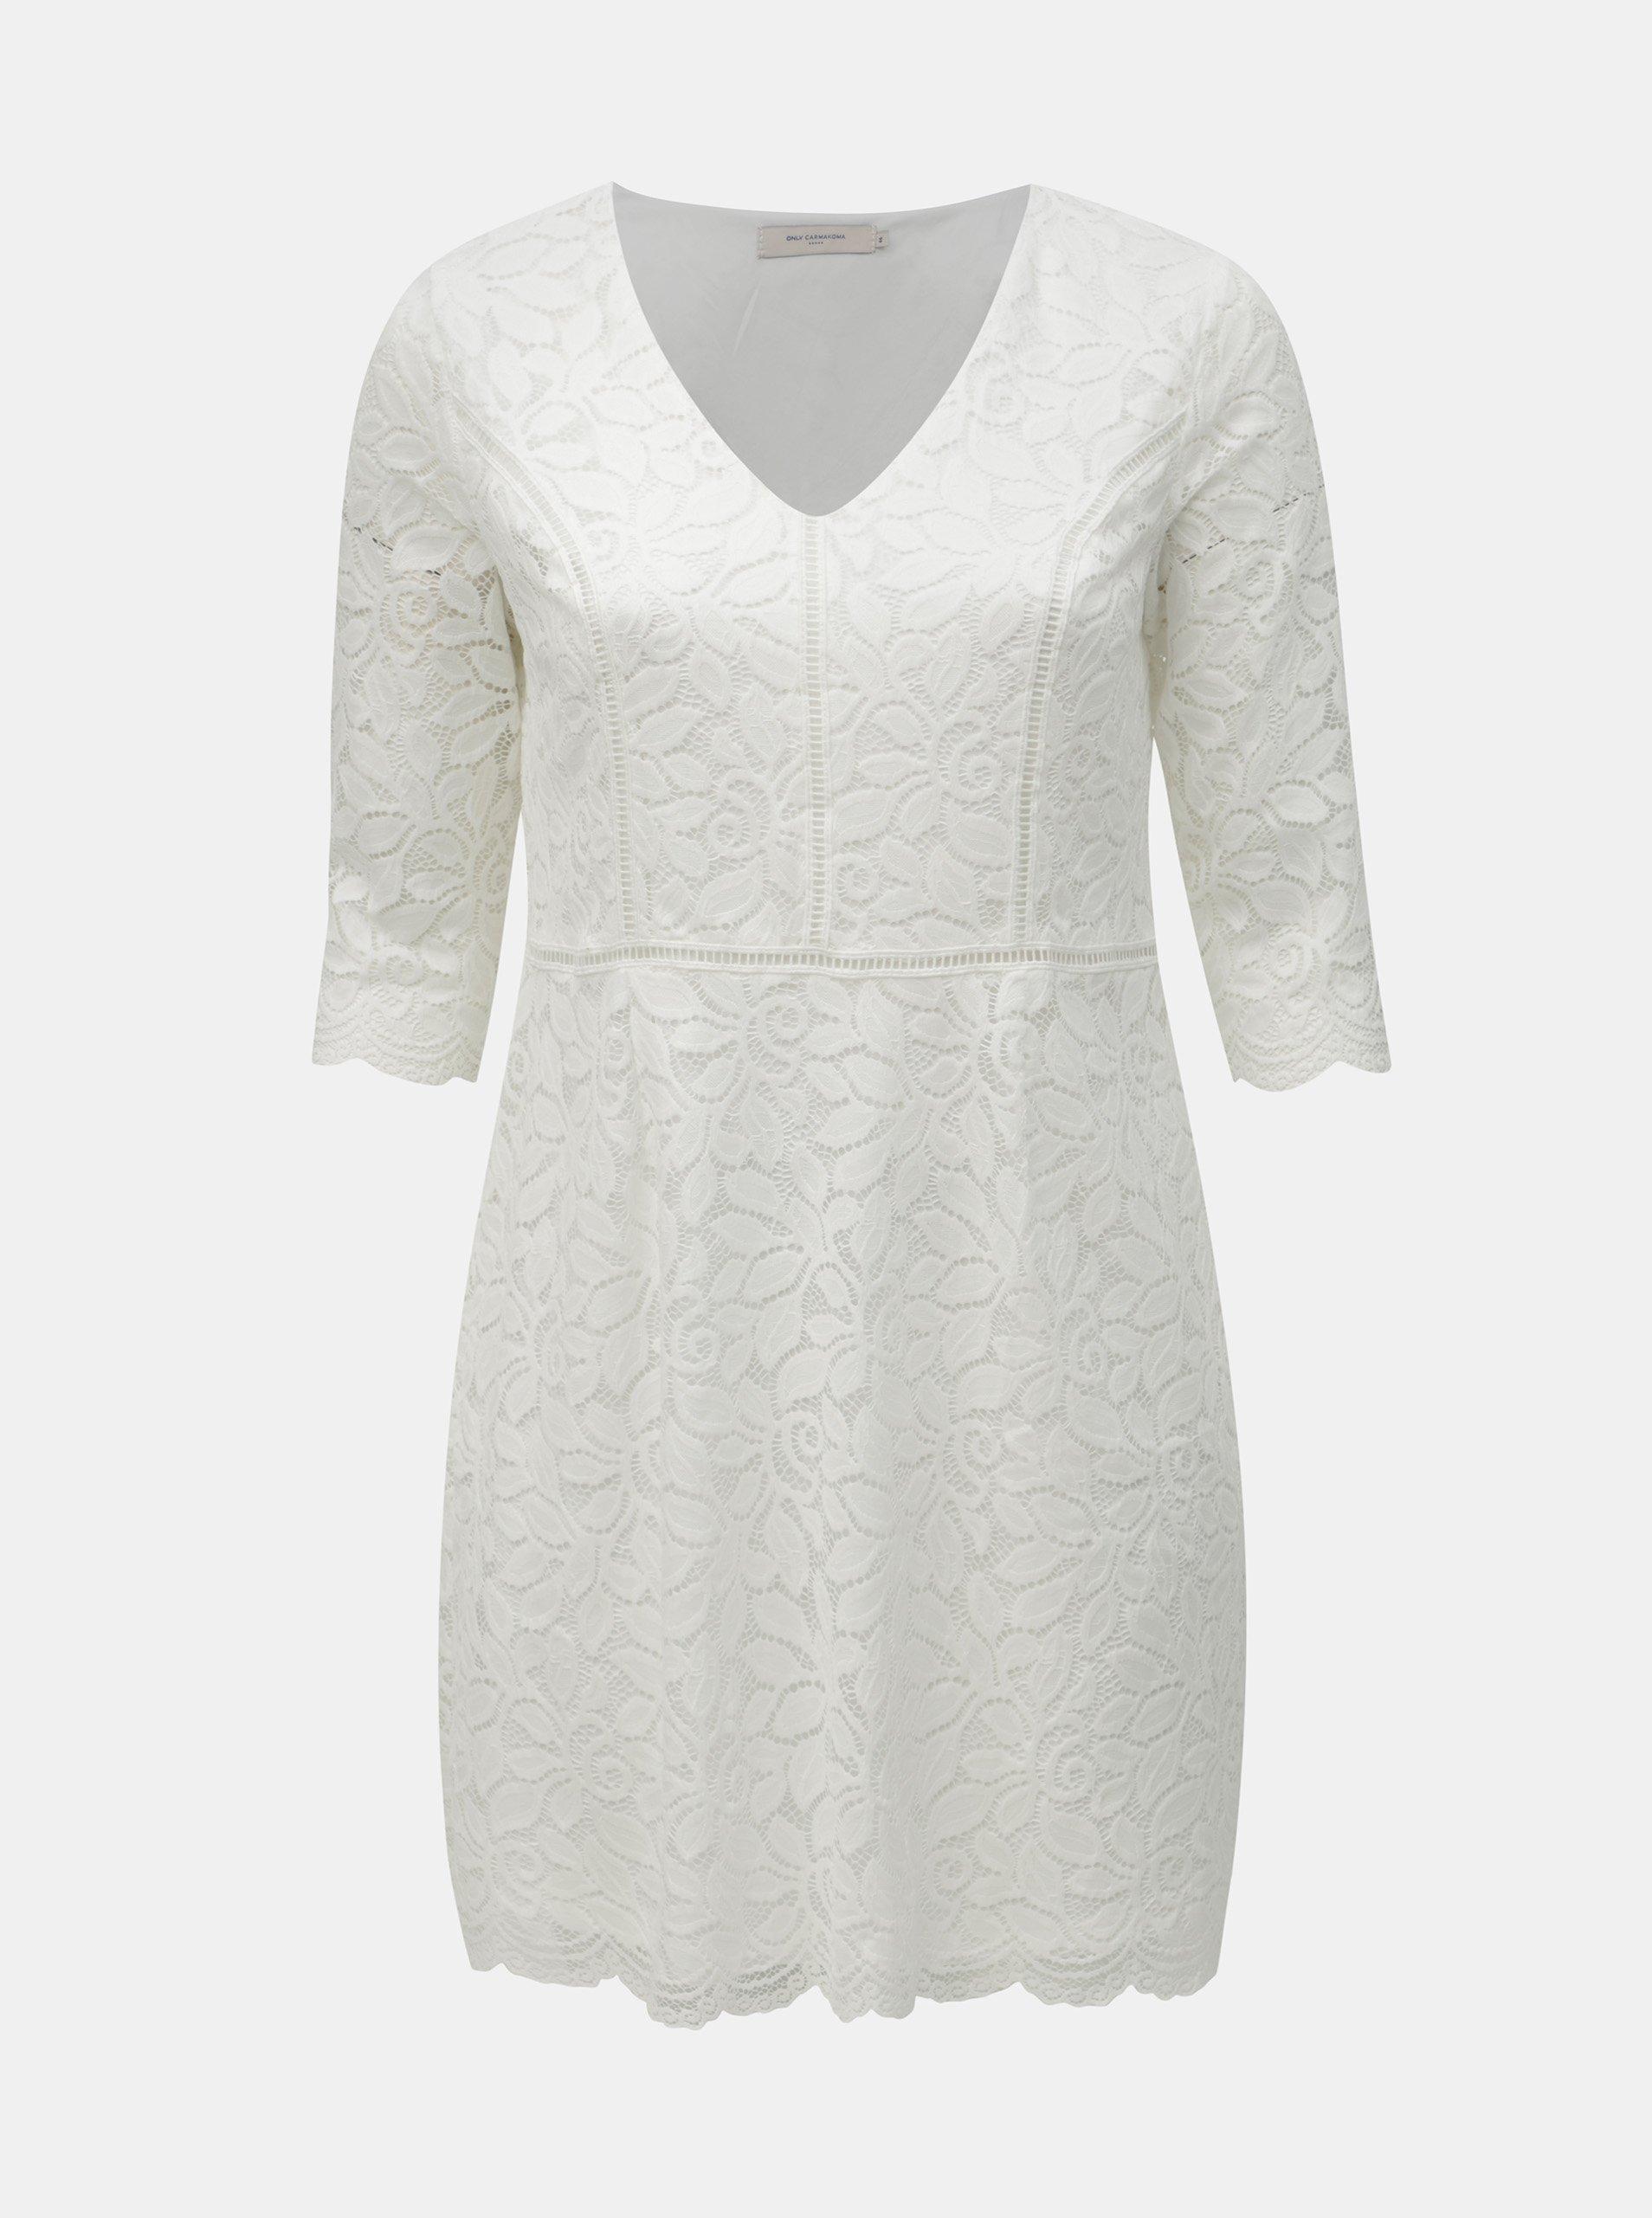 8a98e7b4b8fc Bílé krajkové šaty ONLY CARMAKOMA Samant